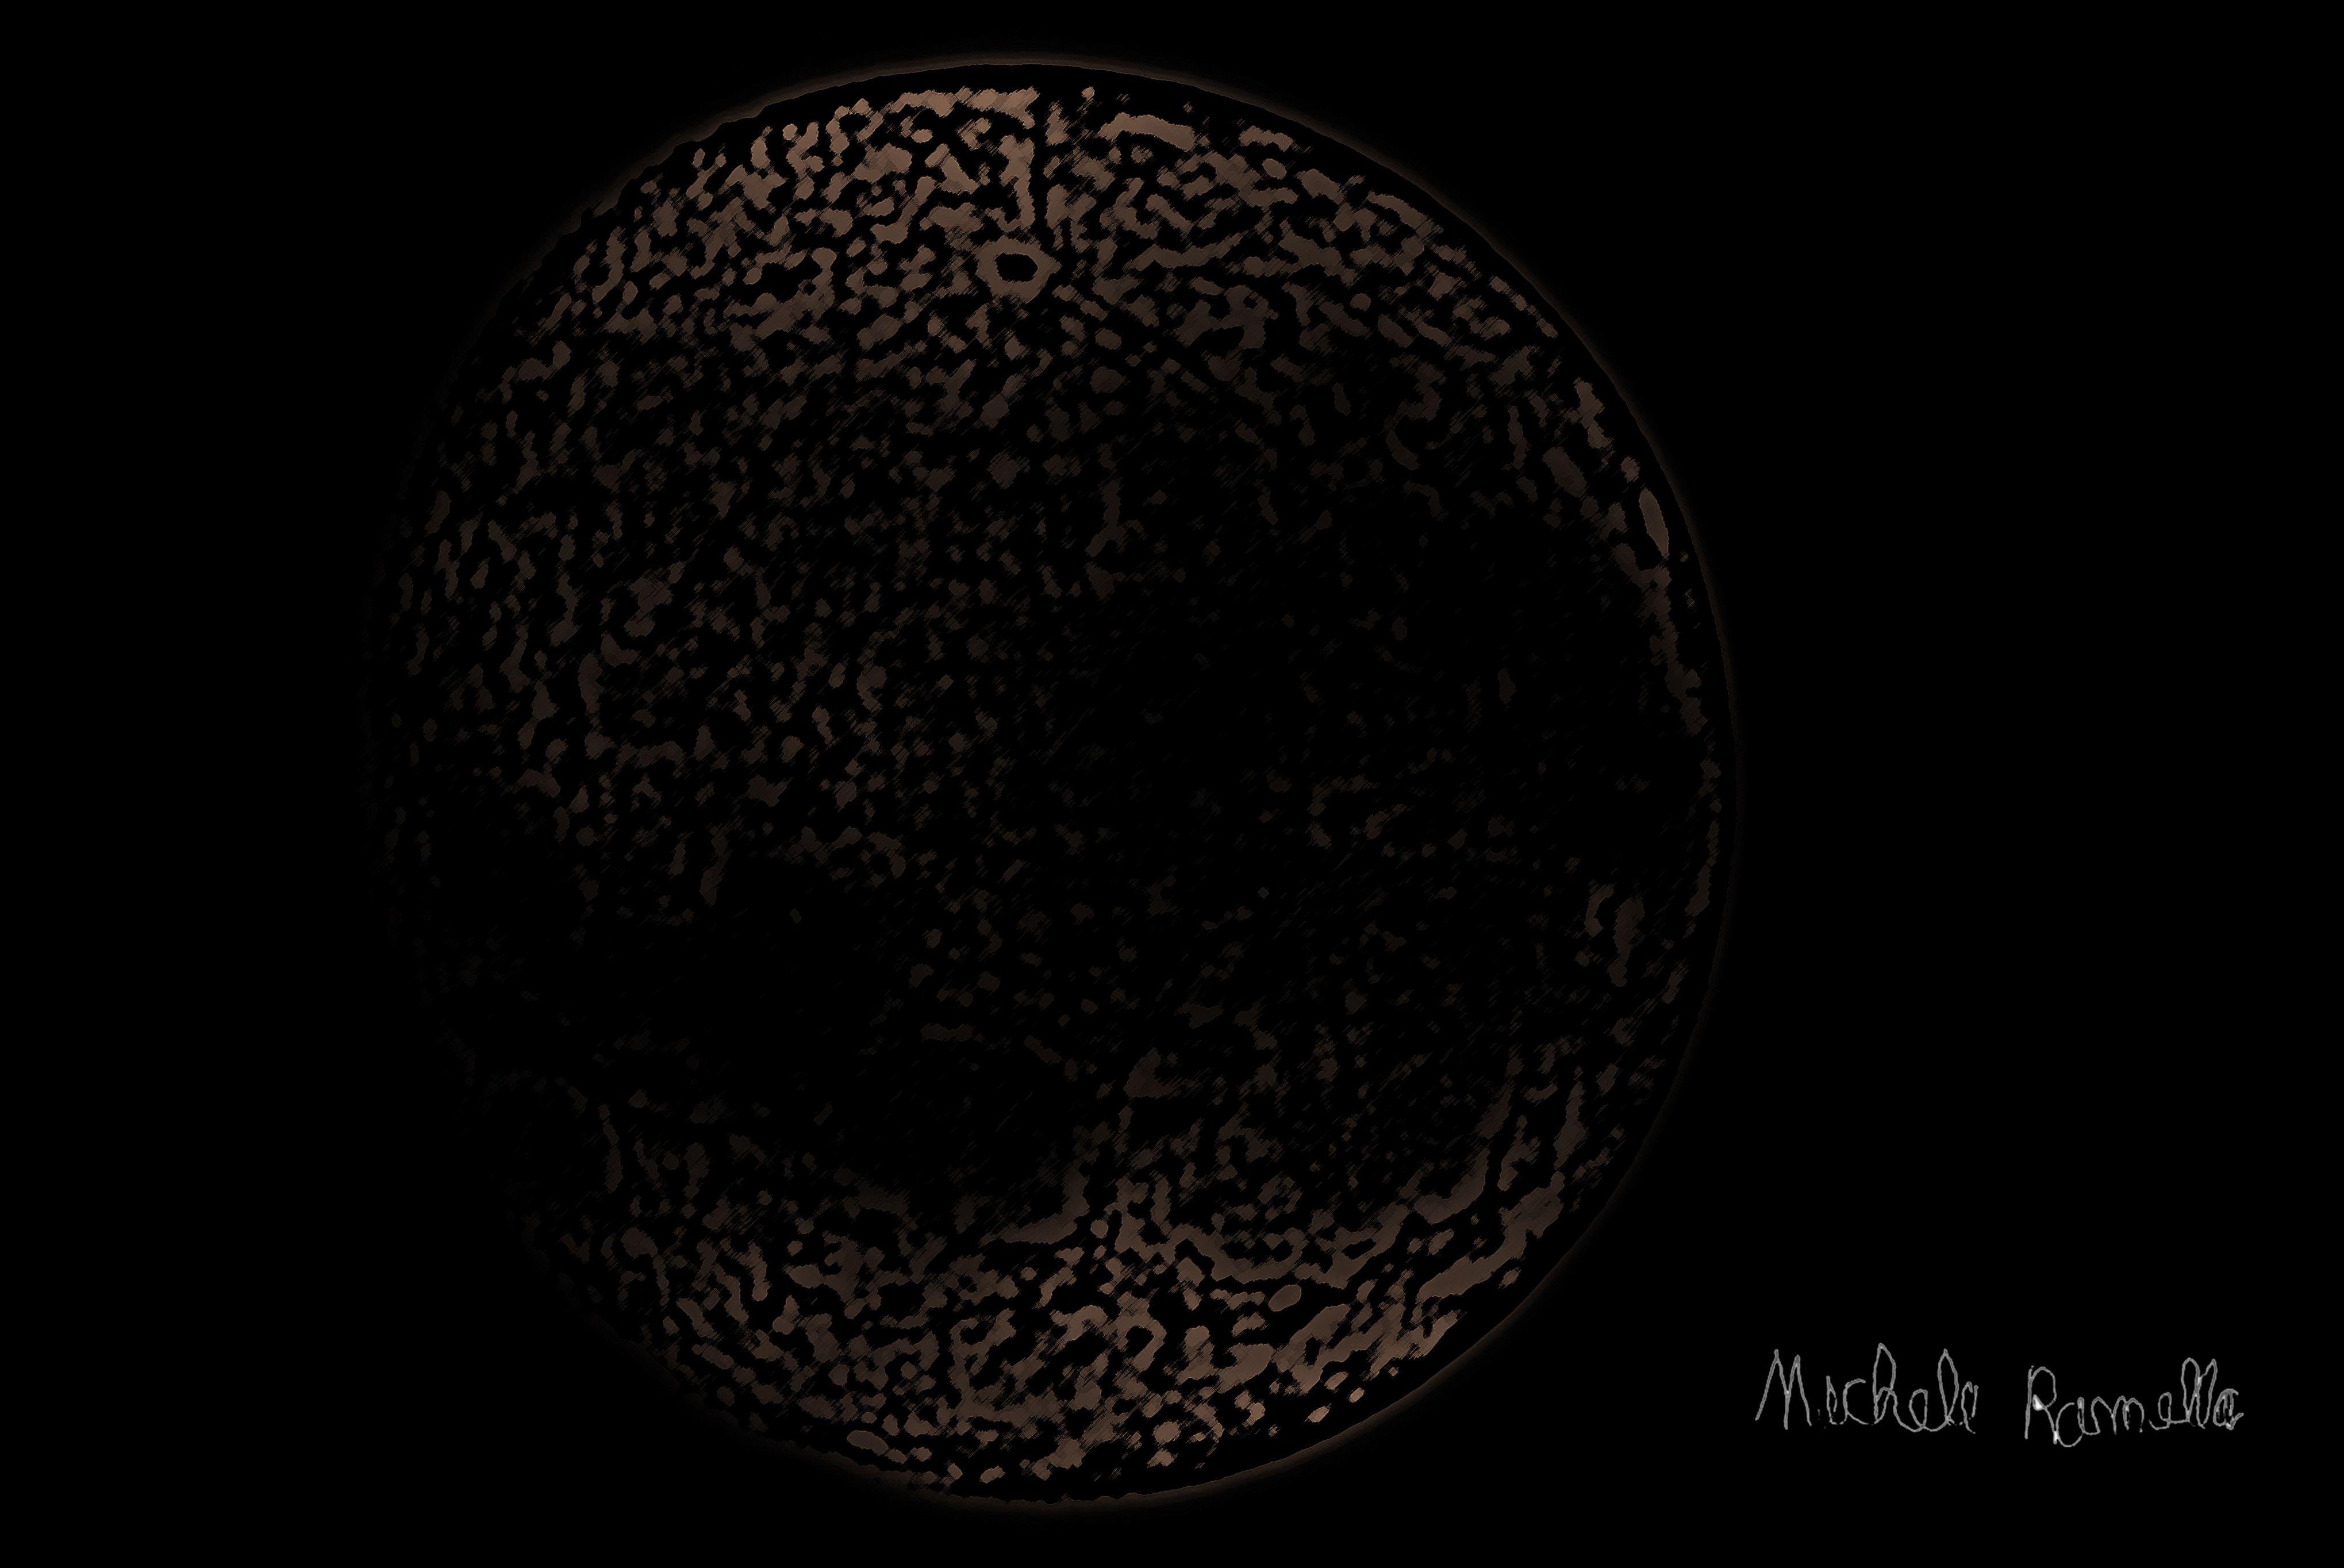 Tenebra Lunare vuole rivelare la parte nascosta della Luna, quella tenebra che ricalca l'inesplicabile della non conoscenza